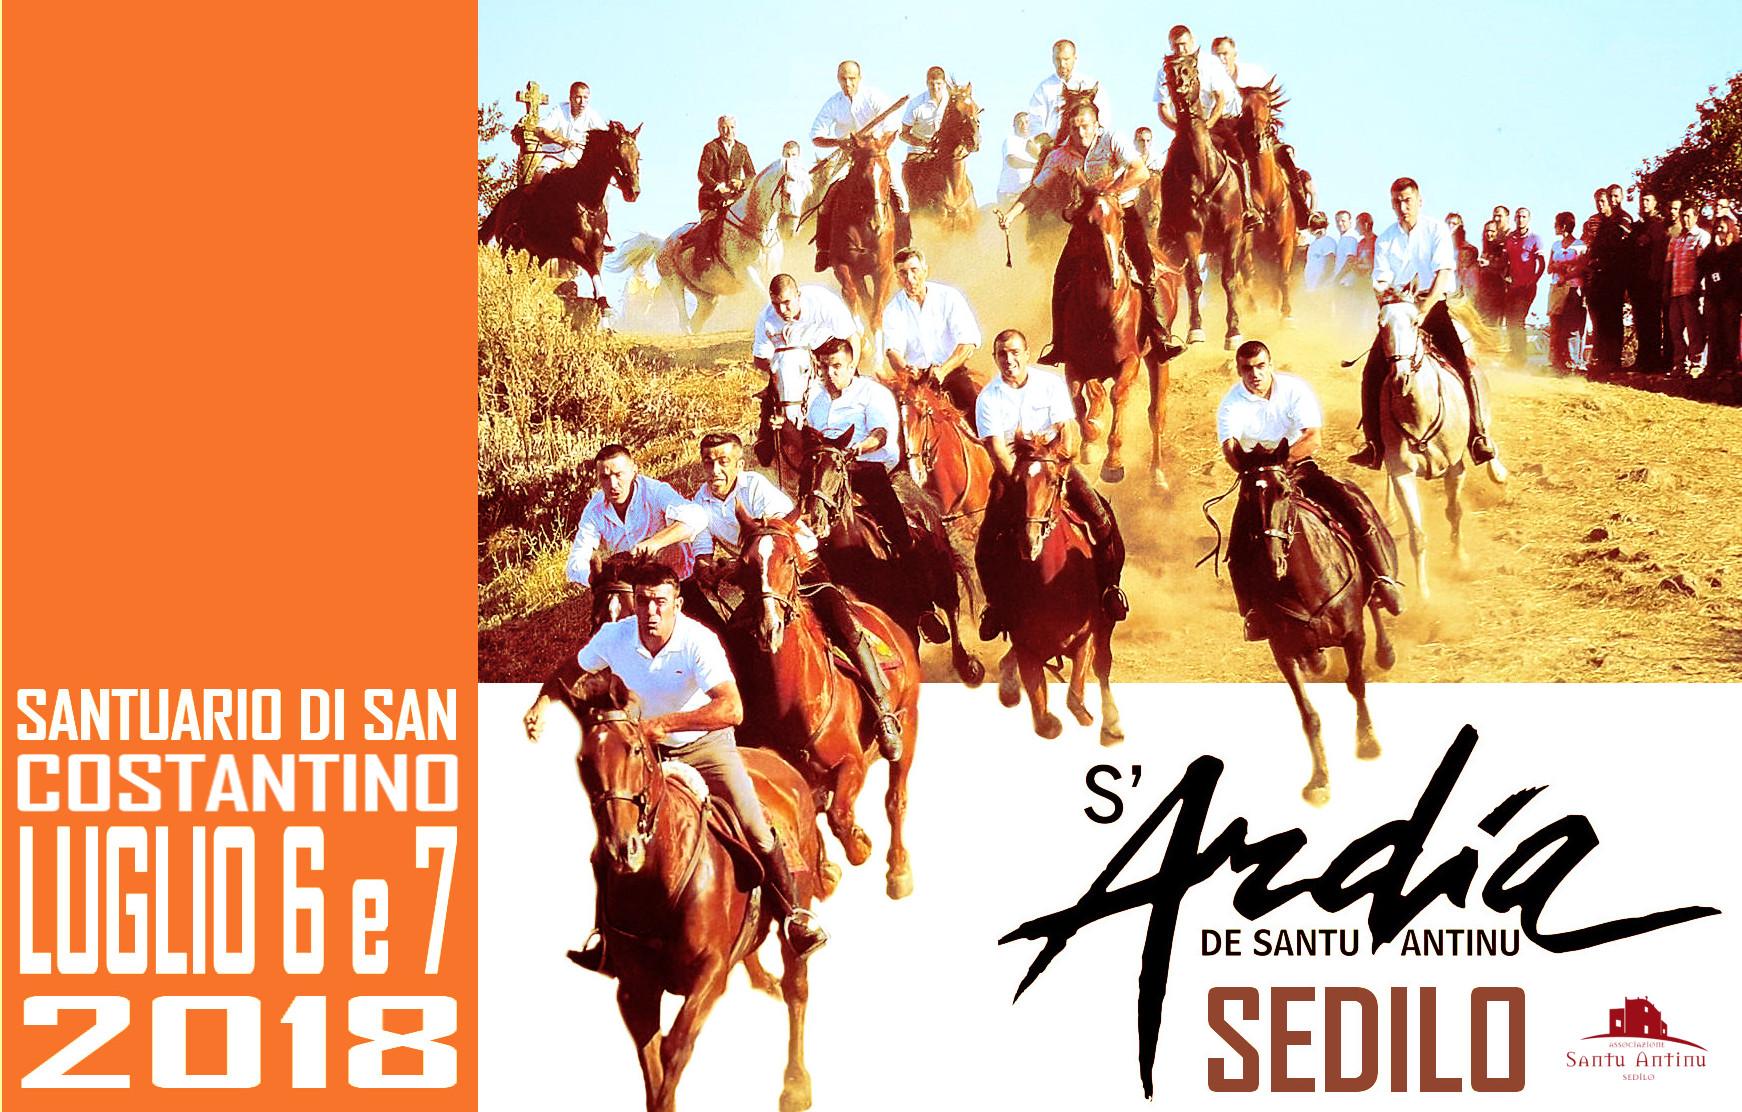 S'Ardia 2018   Poster design  2018